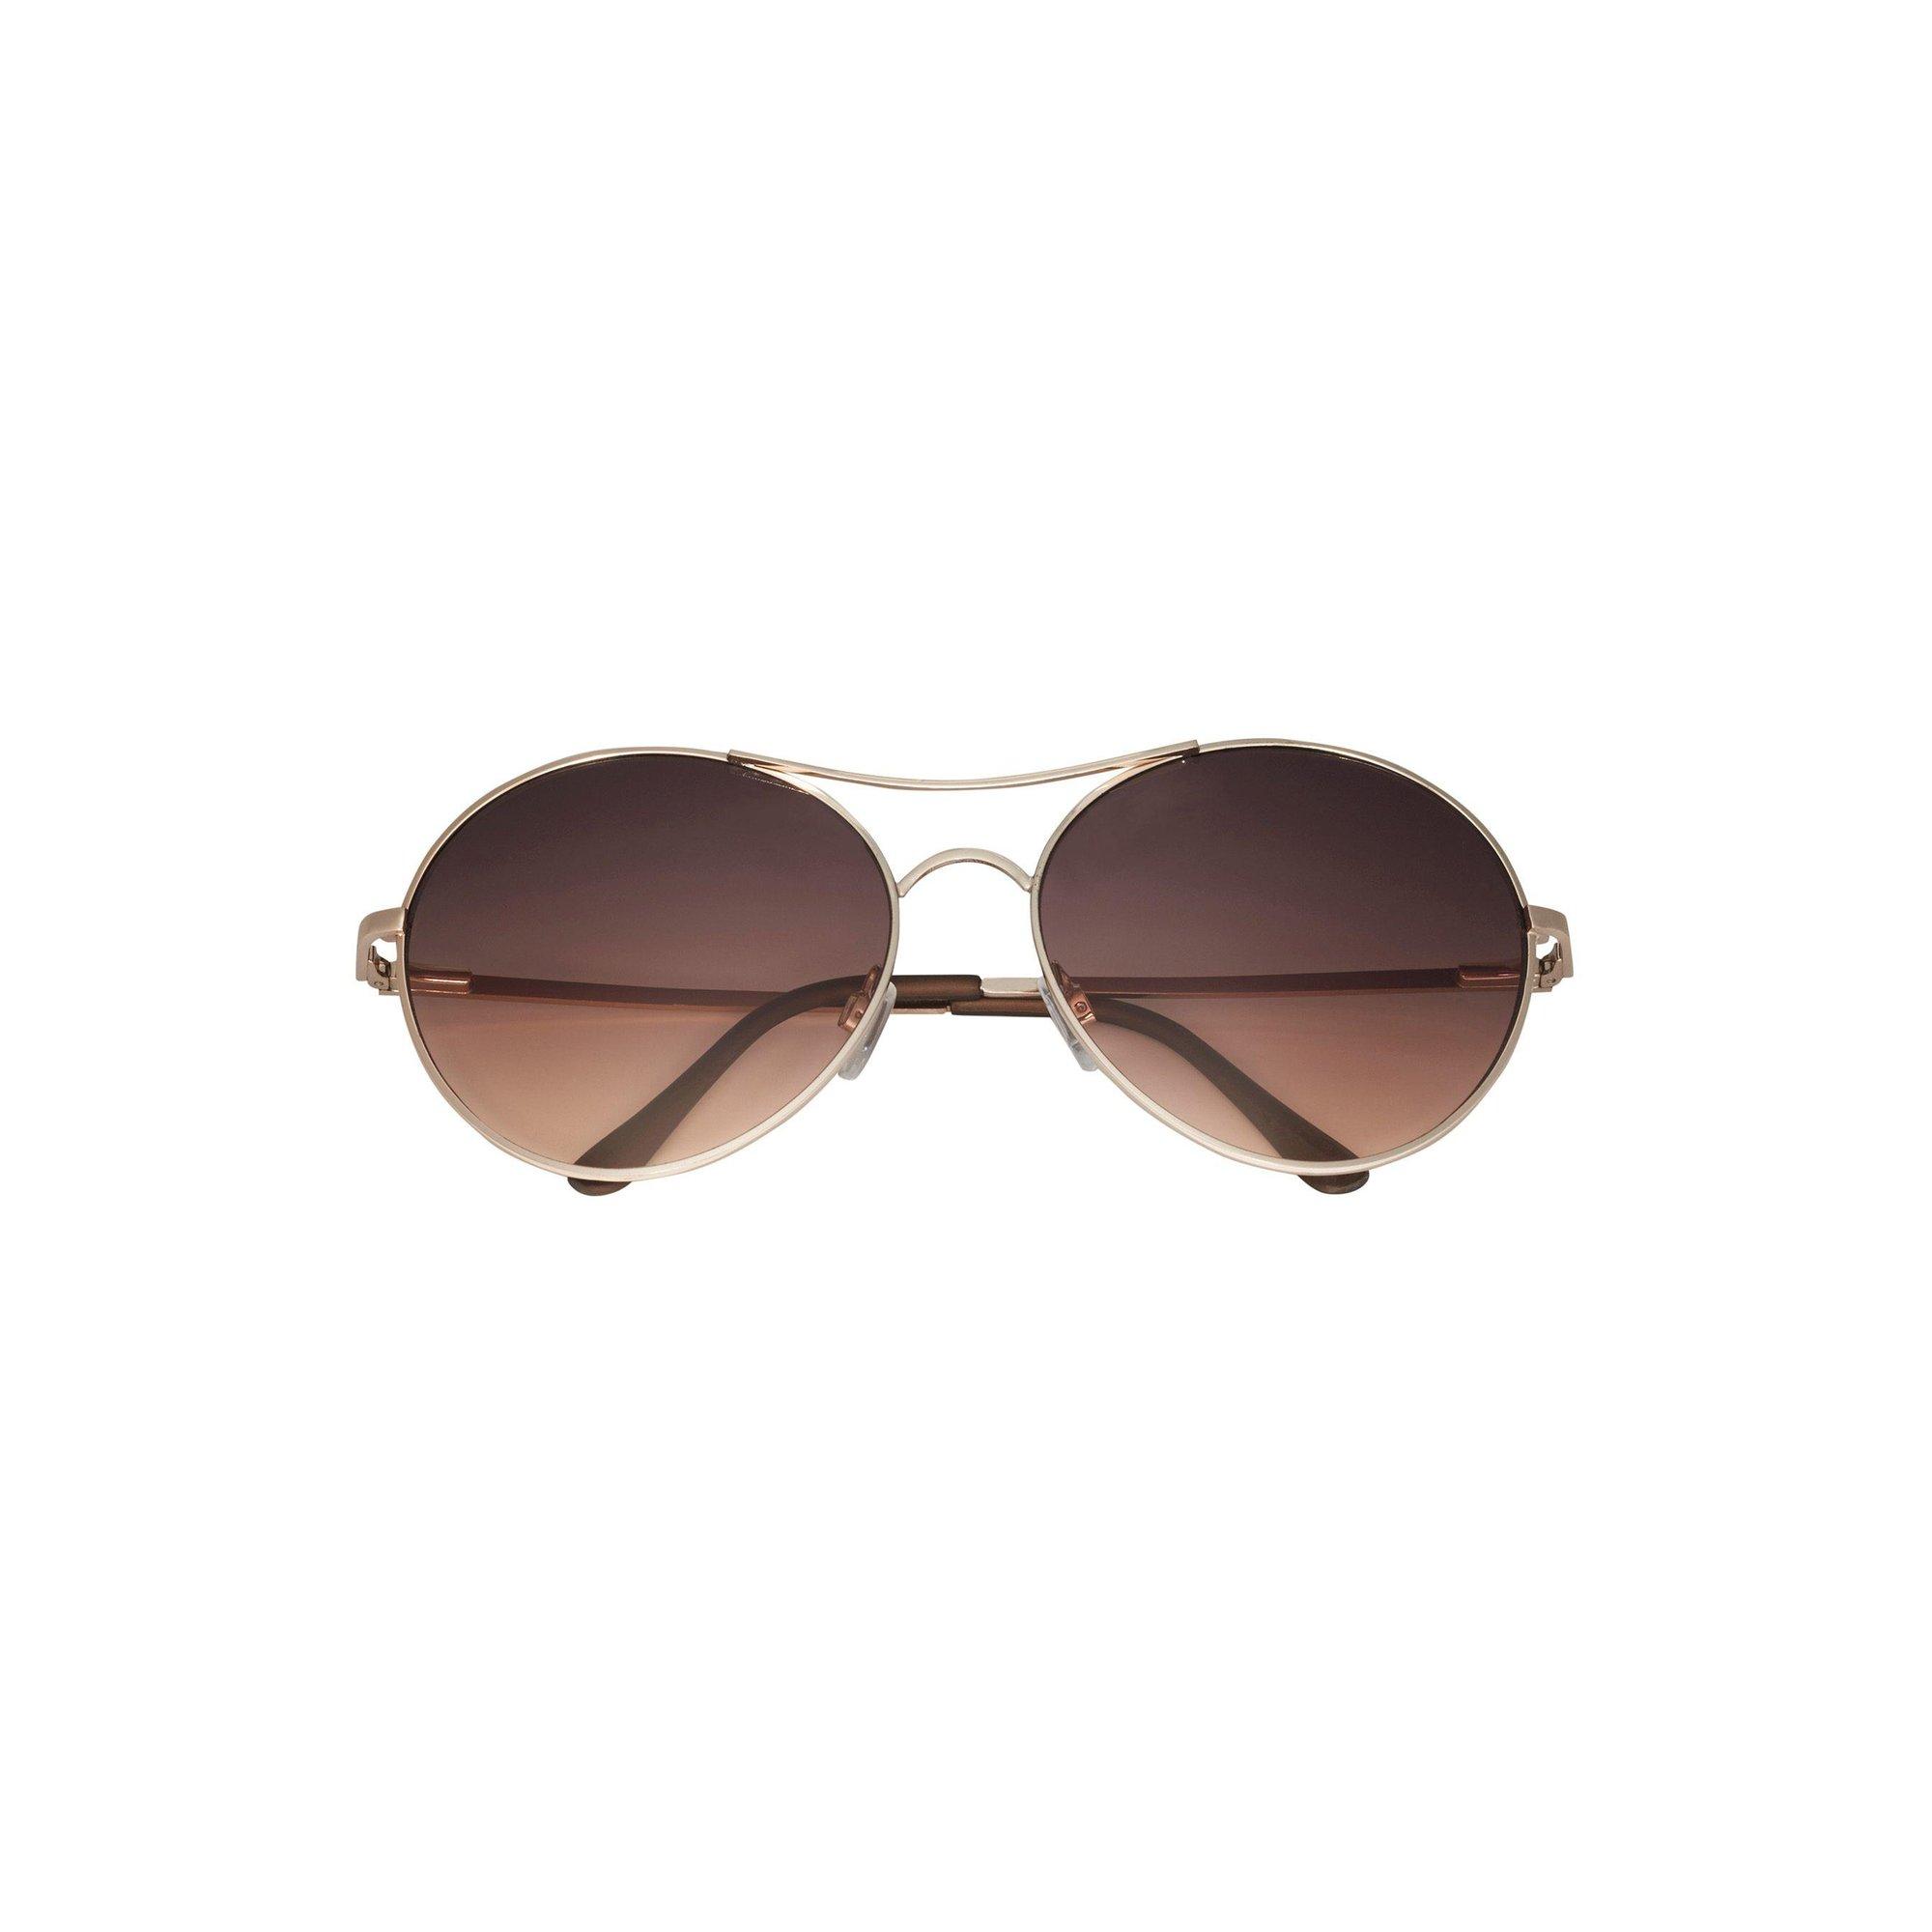 759d04924a8d41 lunettes de soleil   Cheap so Chic